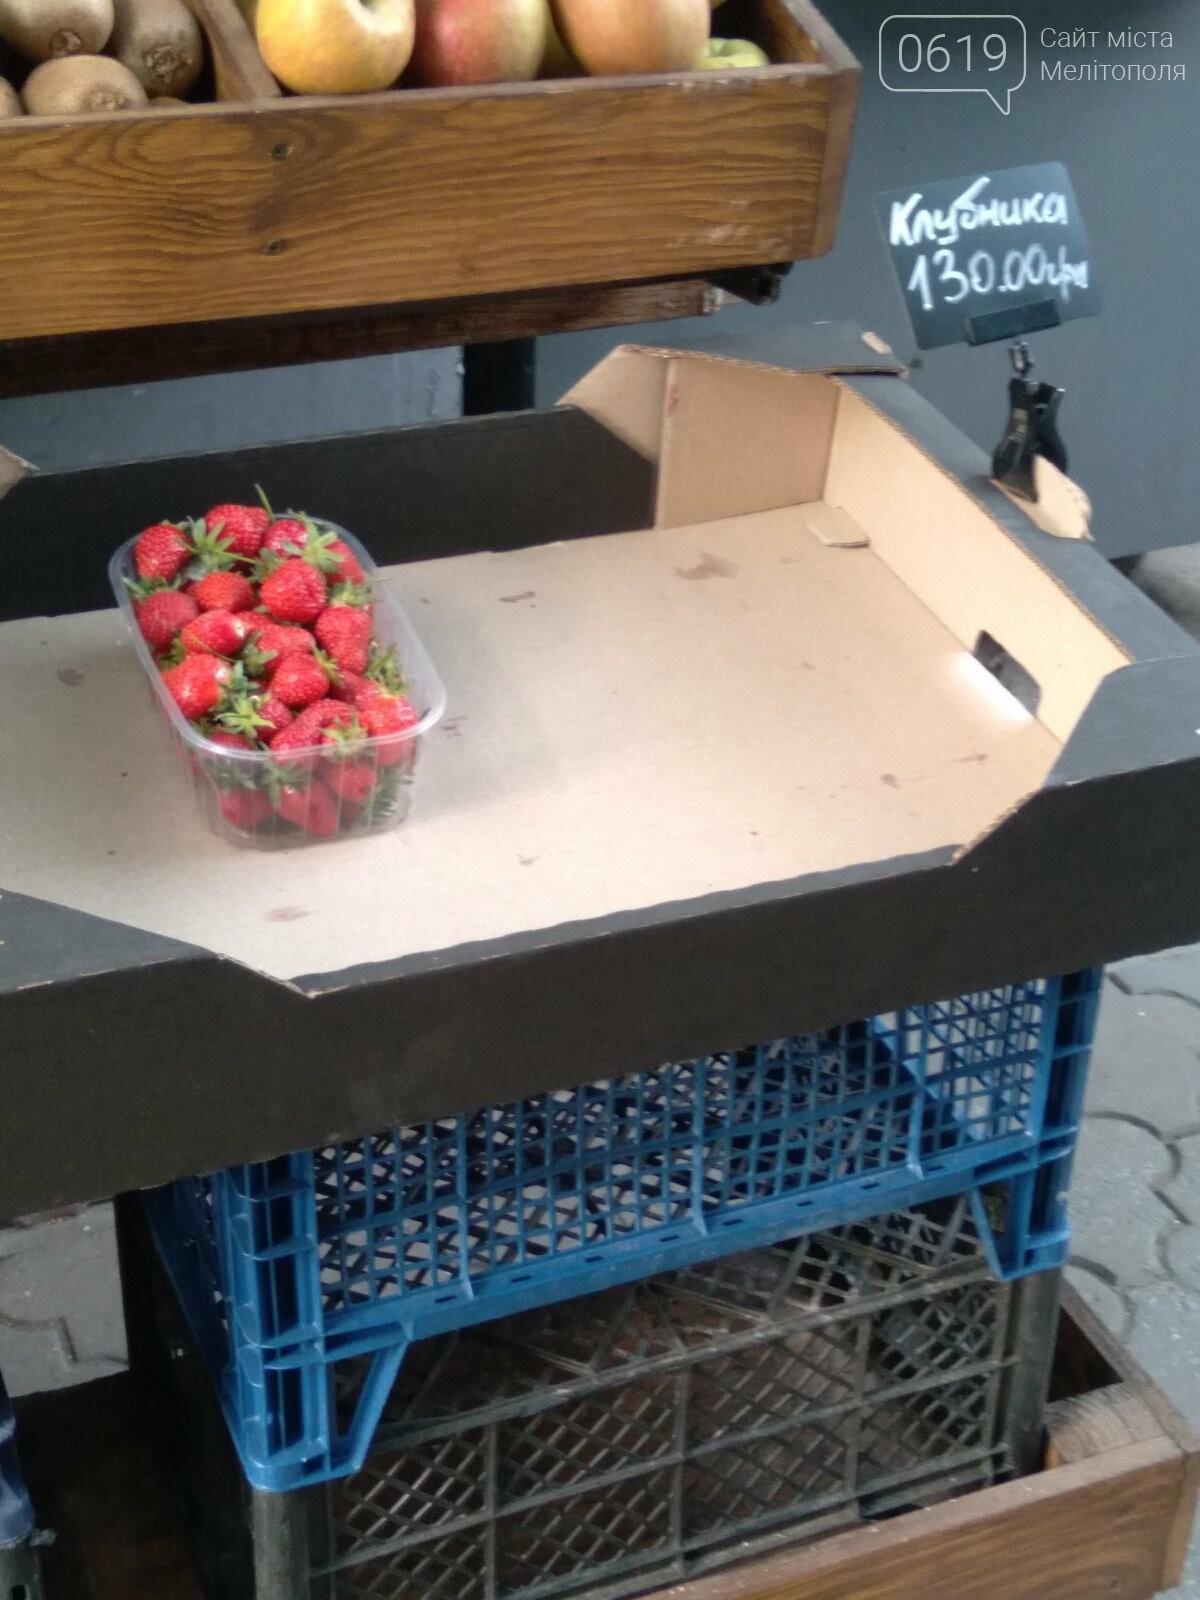 Первая клубника: за сколько в Мелитополе можно купить вкусную ягоду?, фото-2